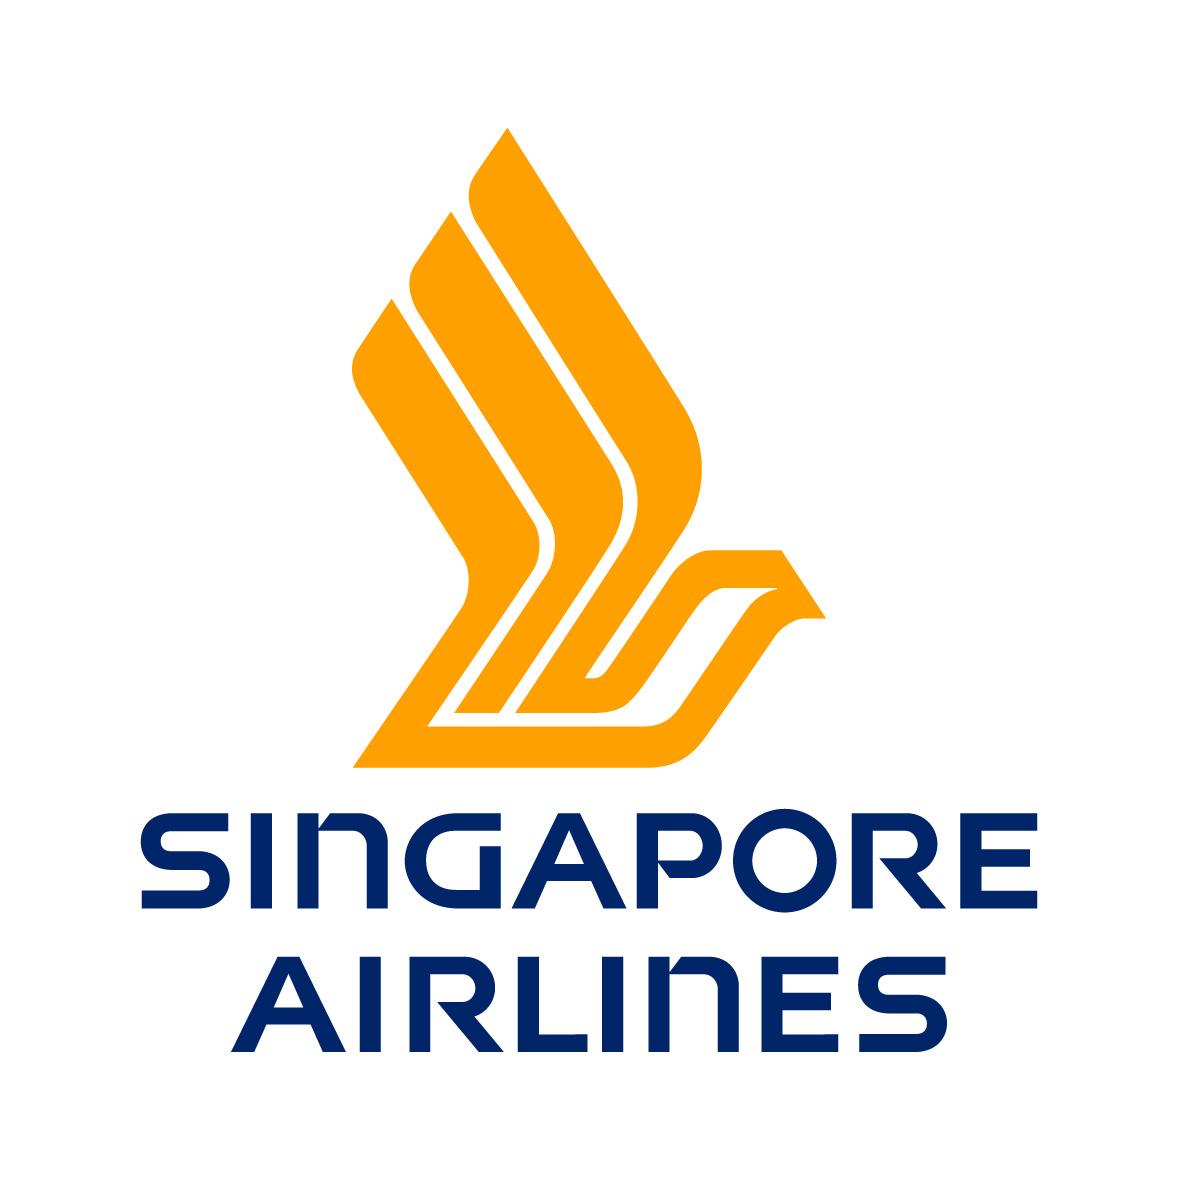 SIA stacked_white bg yellow logo_Apr 2018.jpg